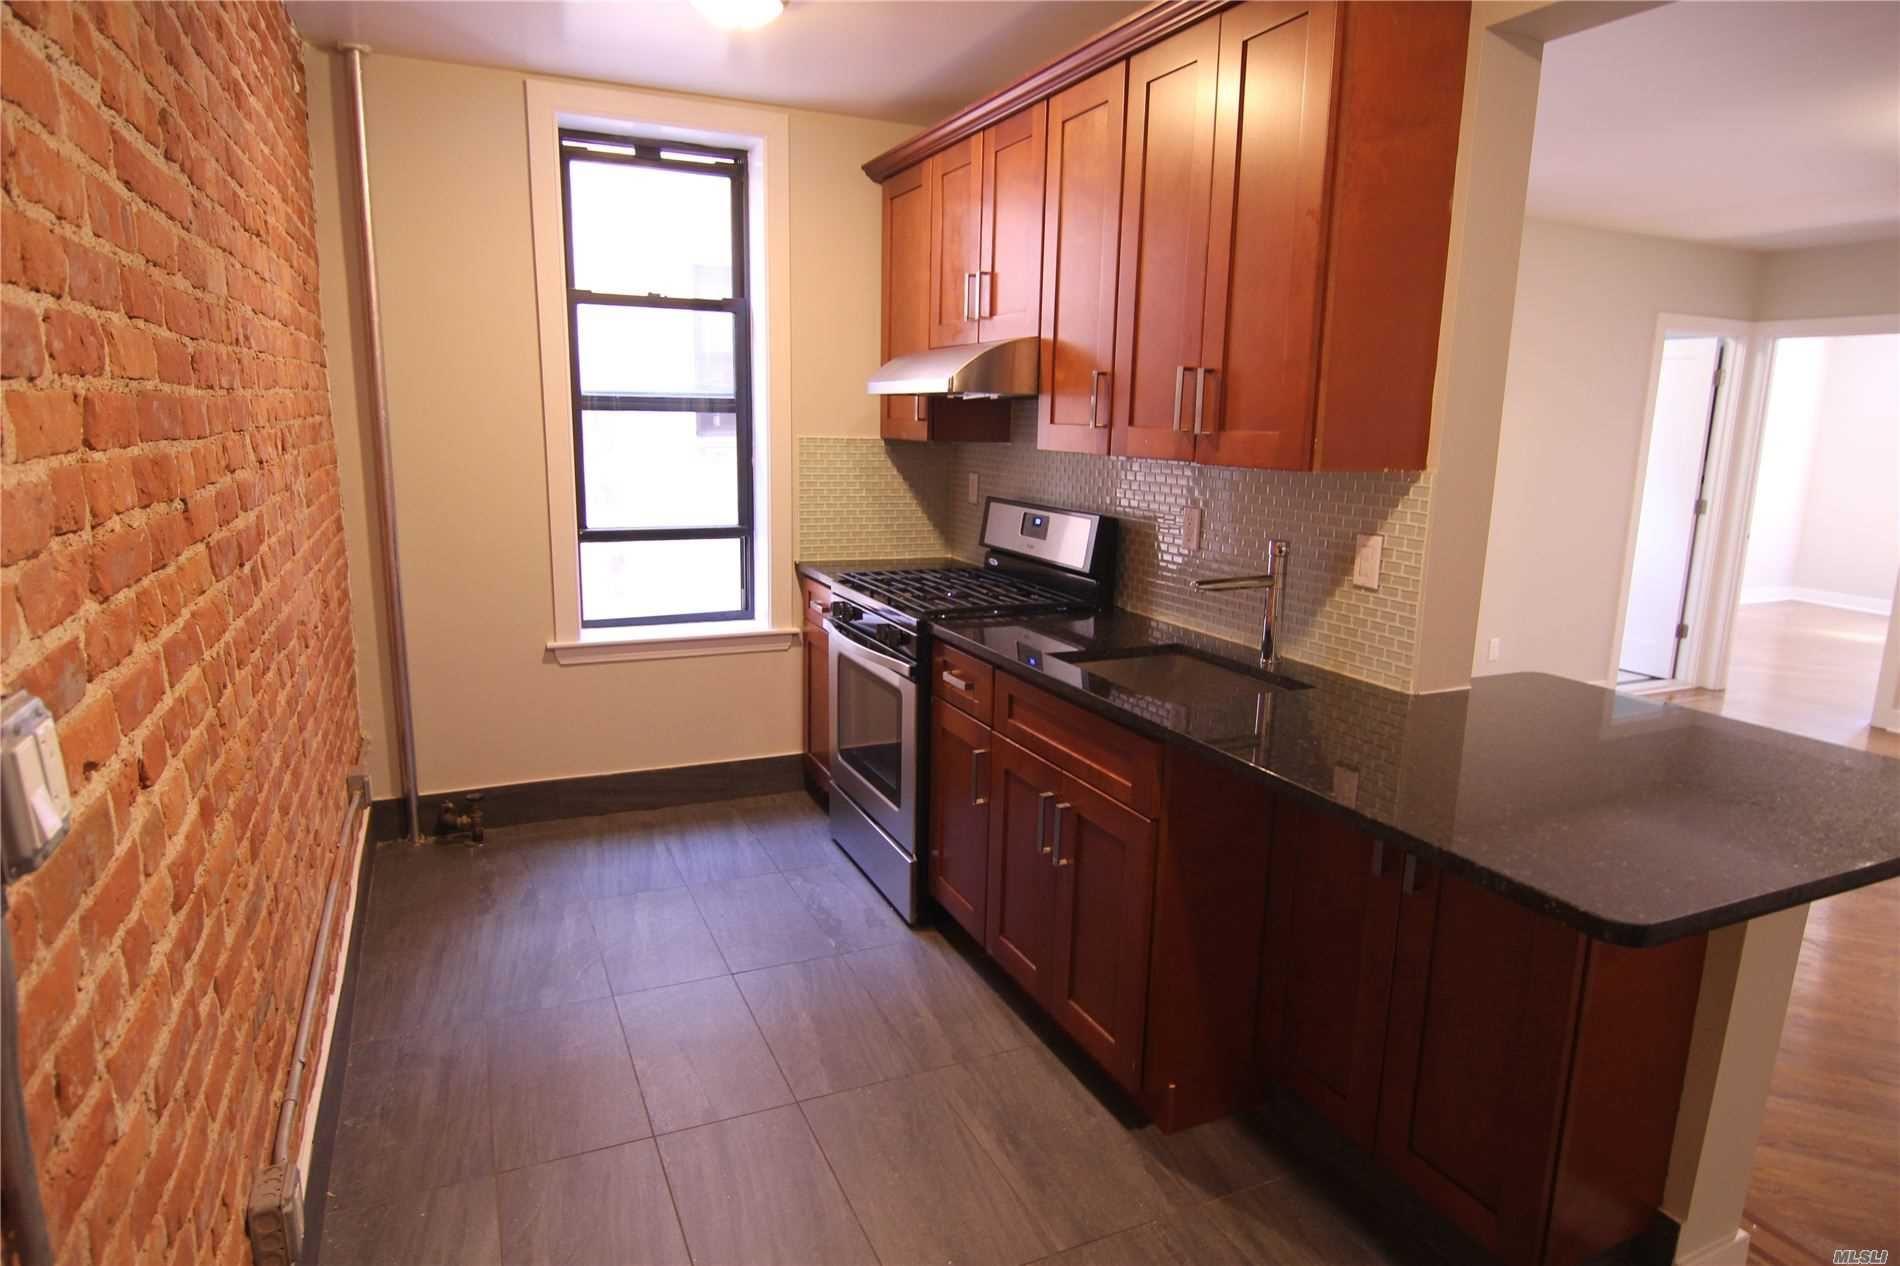 54-06 Skillman Ave #2B, Woodside, NY 11377 - MLS#: 3238082